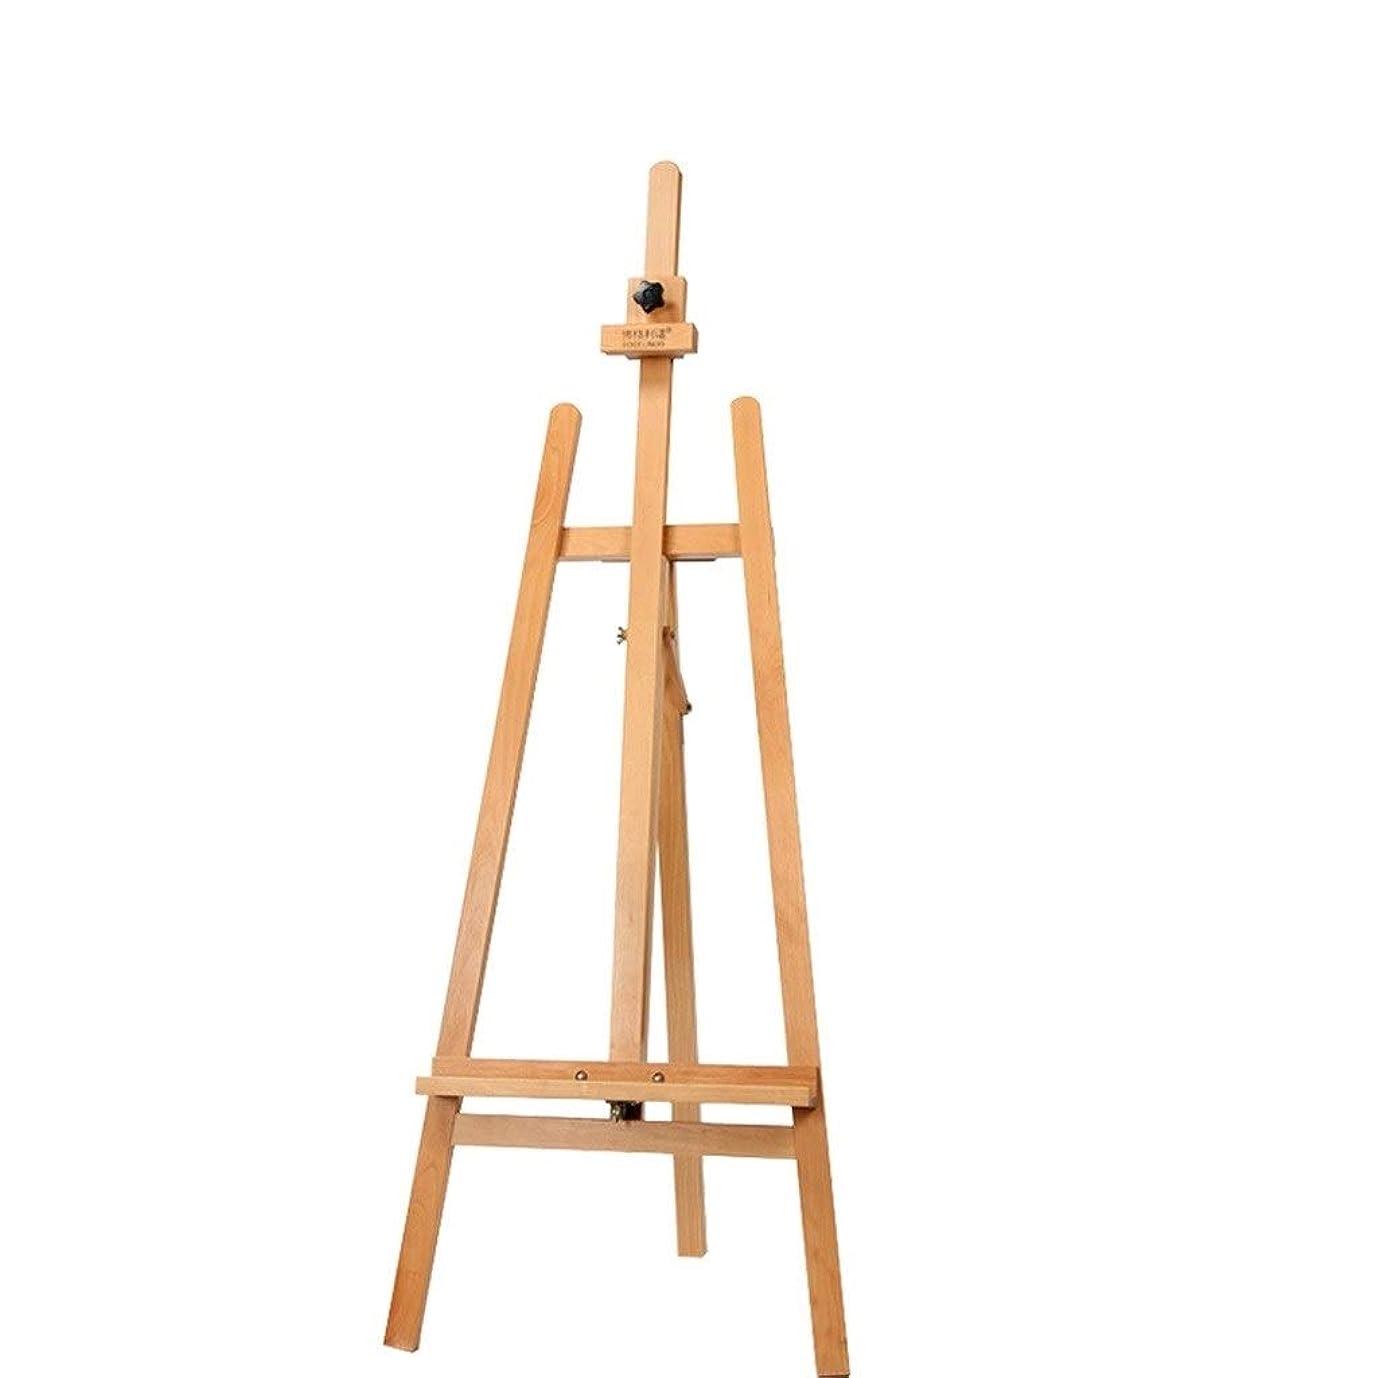 チーム同じチャーミング木製 イーゼル-1.5 Mレッドブナウッドイーゼル折りたたみ式木製油絵フレーム初心者アート学生大人専用イーゼル